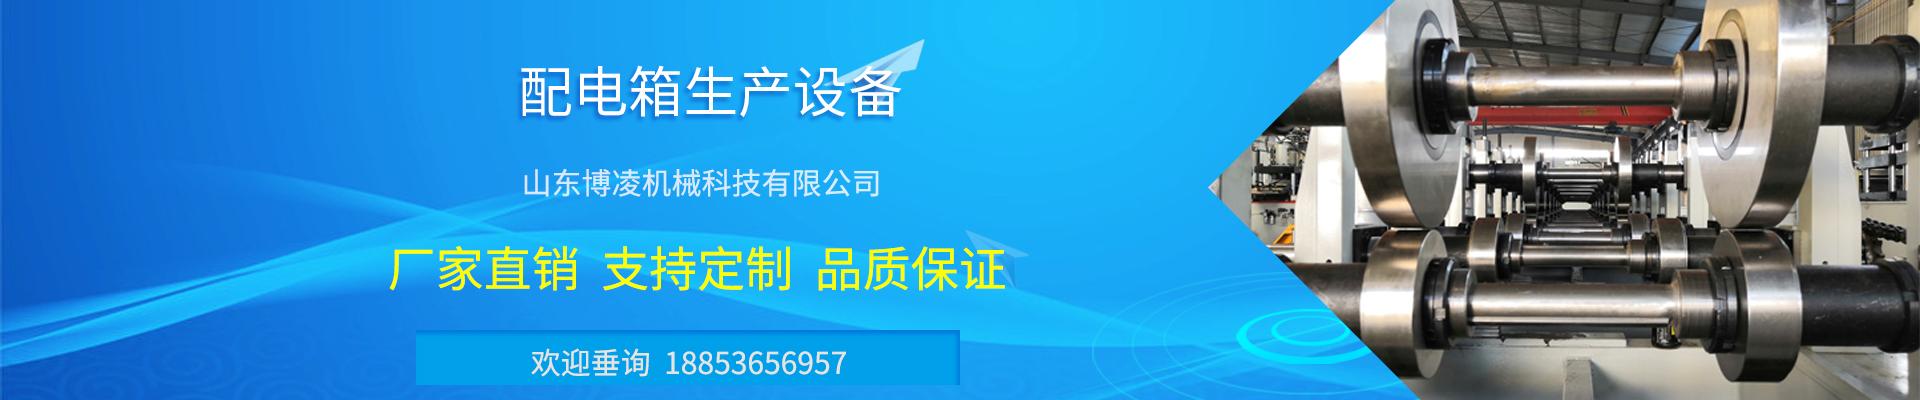 山东博凌机械科技有限公司